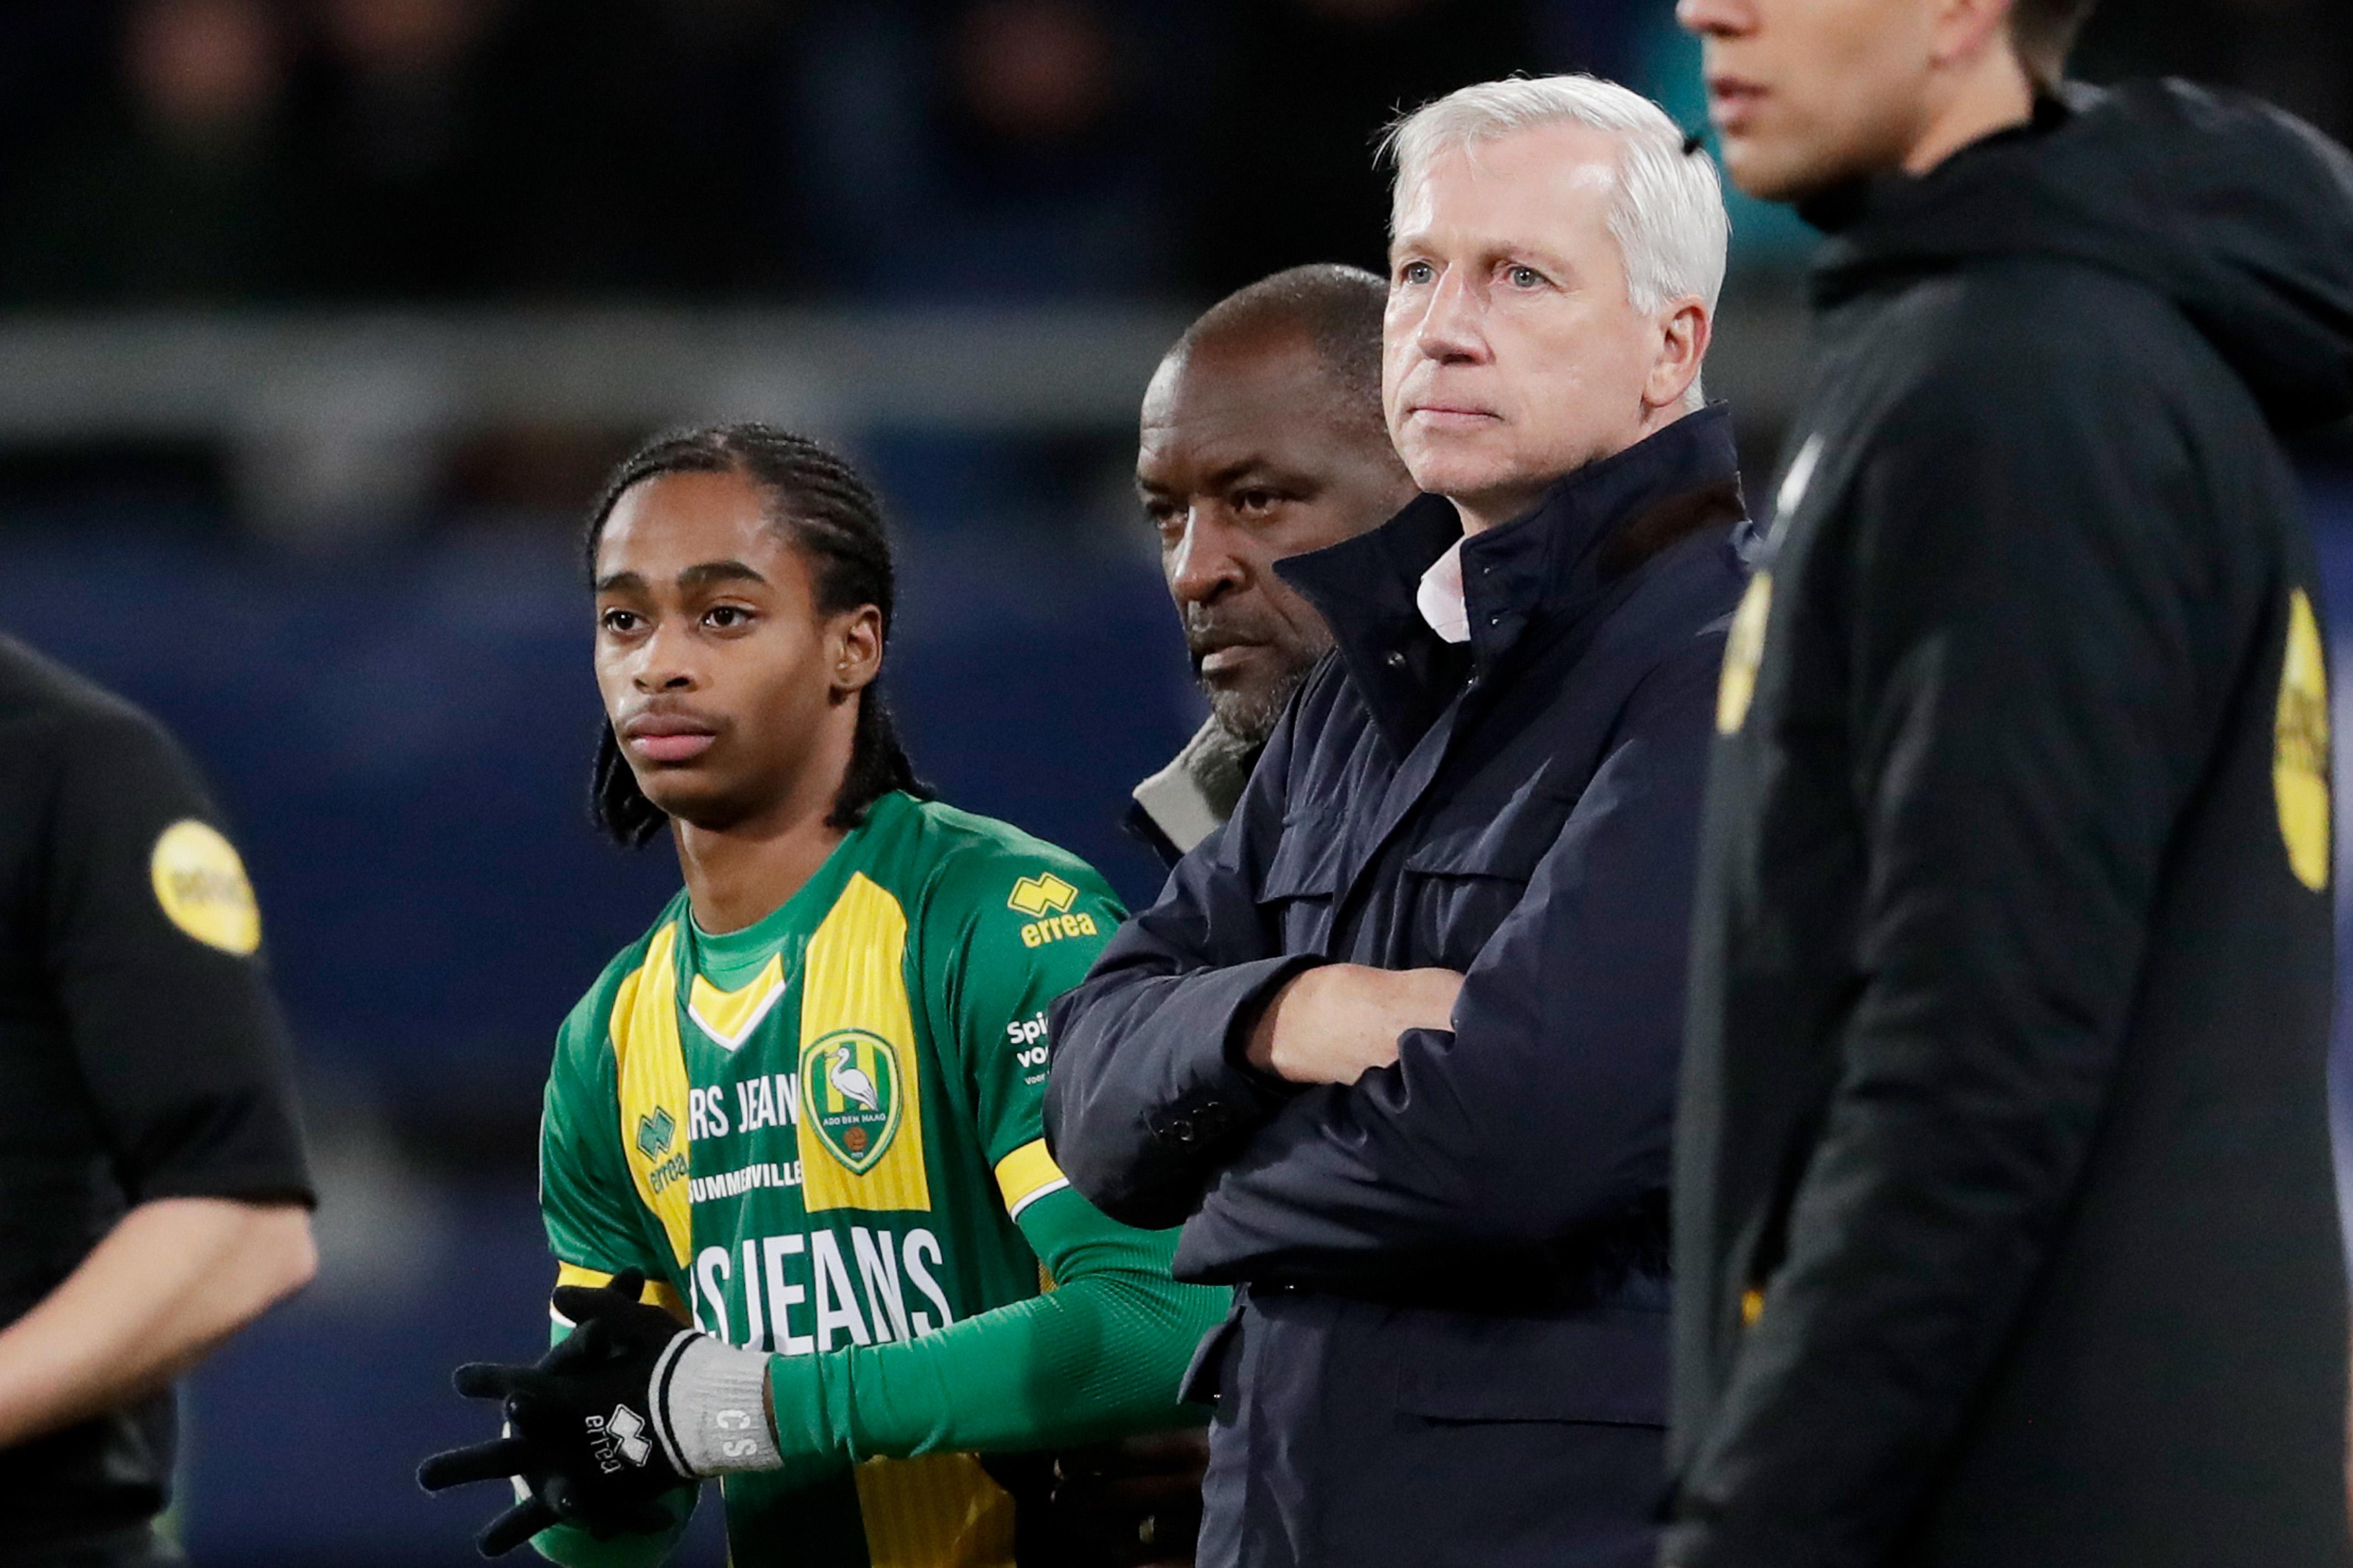 A La Haye, les supporters interrompent l'entraînement pour une séance de tableau blanc